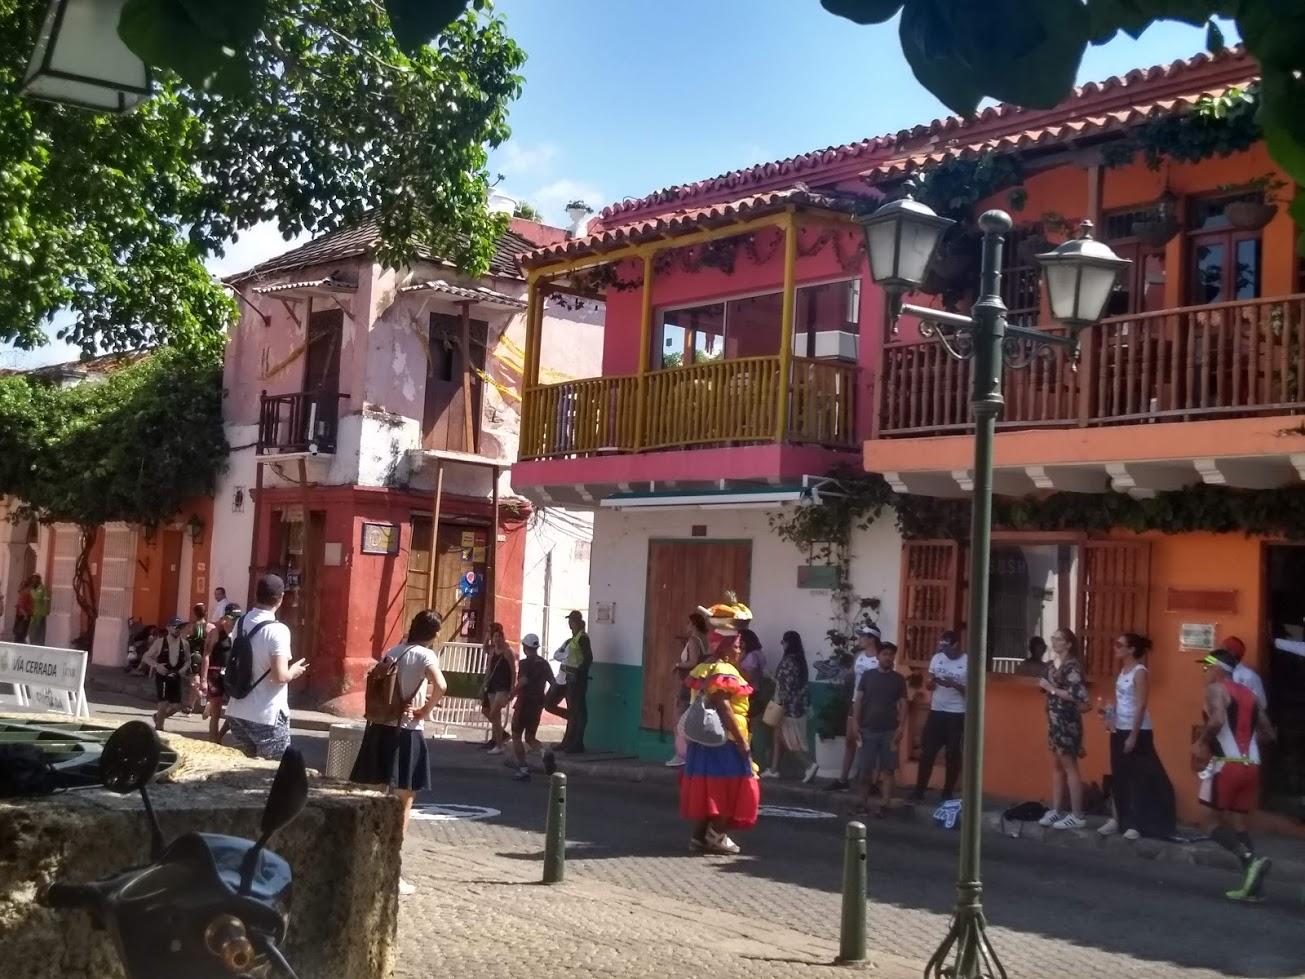 San Diego, el barrio más animado en Cartagena de IndiasSan Diego, el barrio más animado en Cartagena de Indias